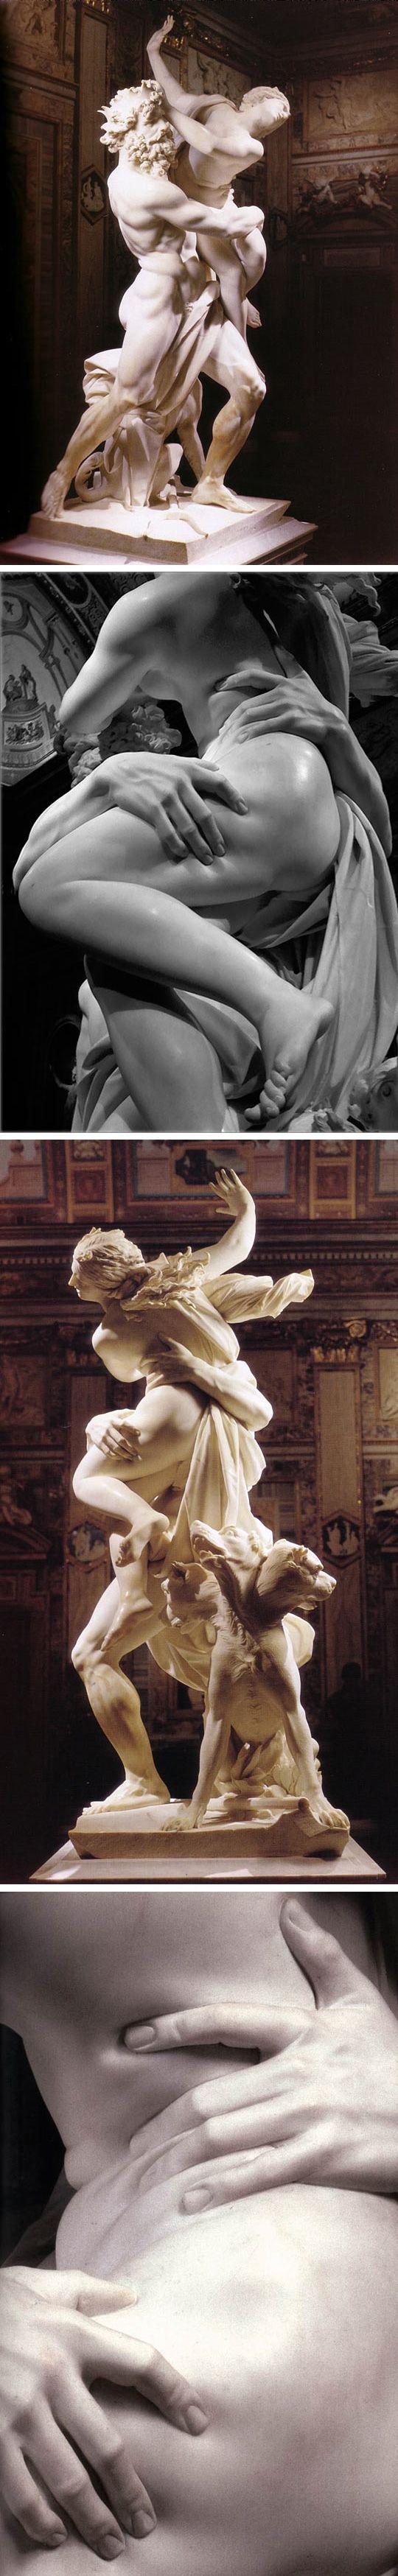 Gian Lorenzo a terminé cette oeuvre à l'age de 23 ans